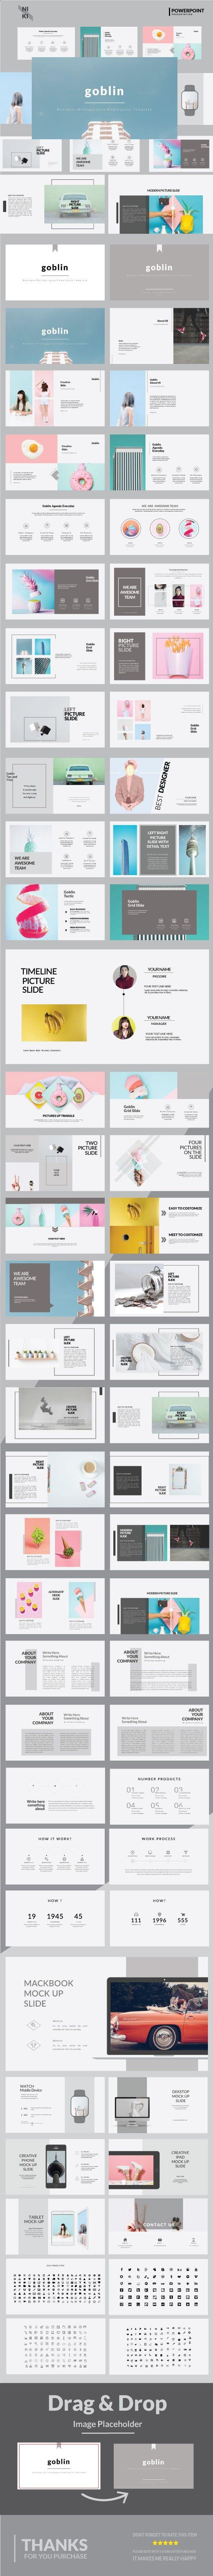 Best 25+ Curiculum vitae ideas on Pinterest | Curriculum design ...